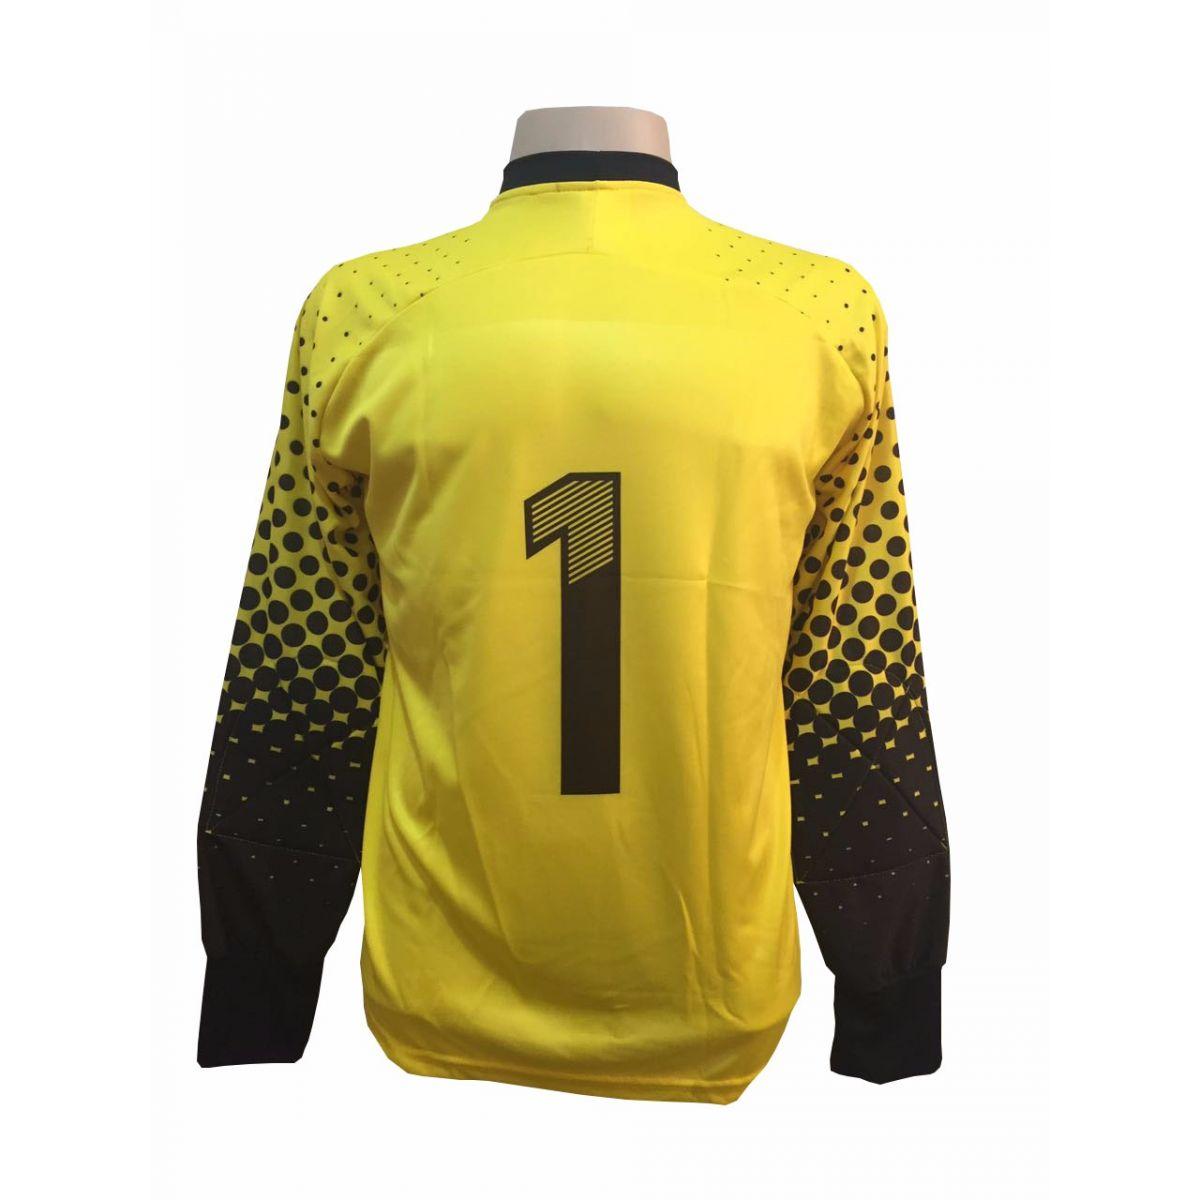 Camisa de Goleiro modelo Transfer 237 Amarelo/Preto nº 1 Tamanho GG